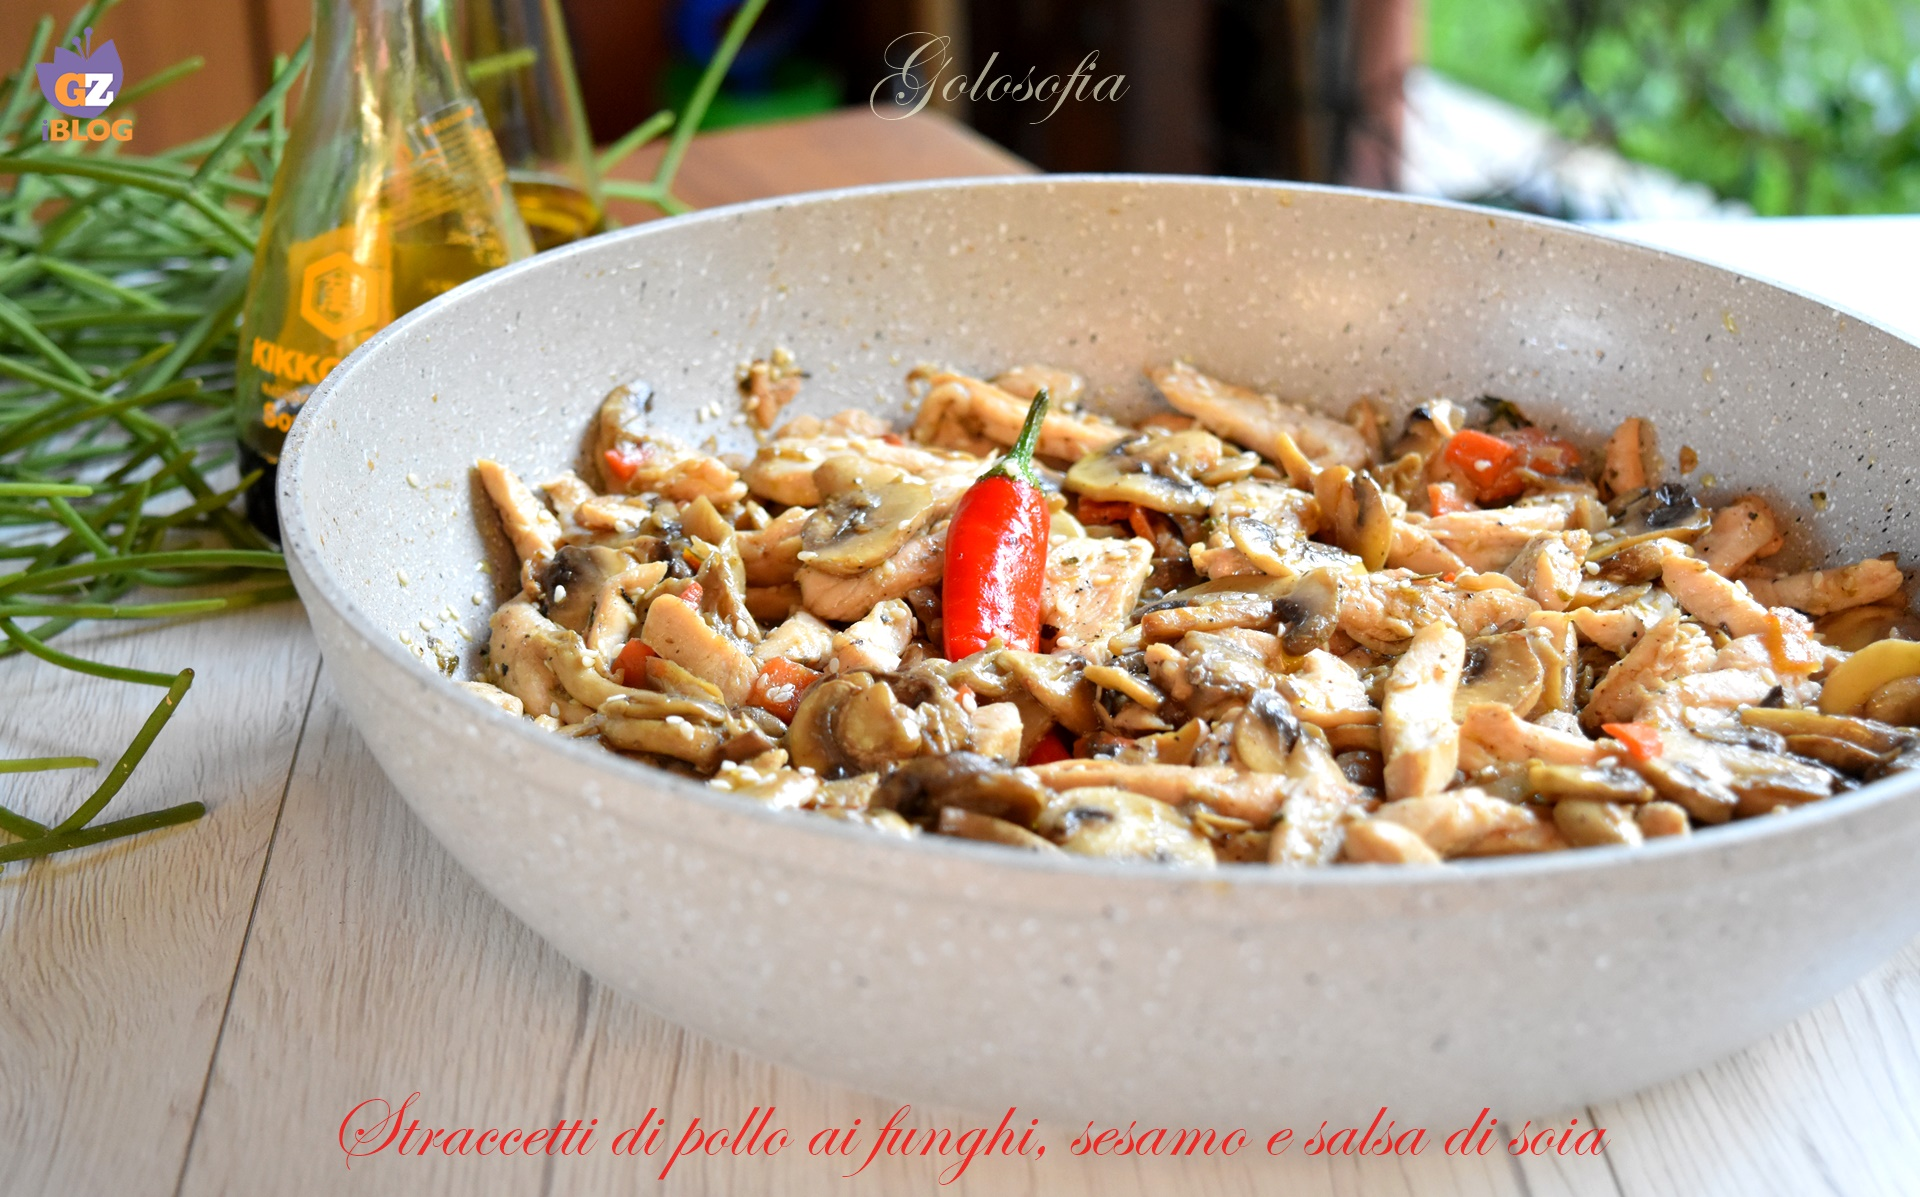 Straccetti di pollo ai funghi, sesamo e salsa di soia-ricetta secondi-golosofia